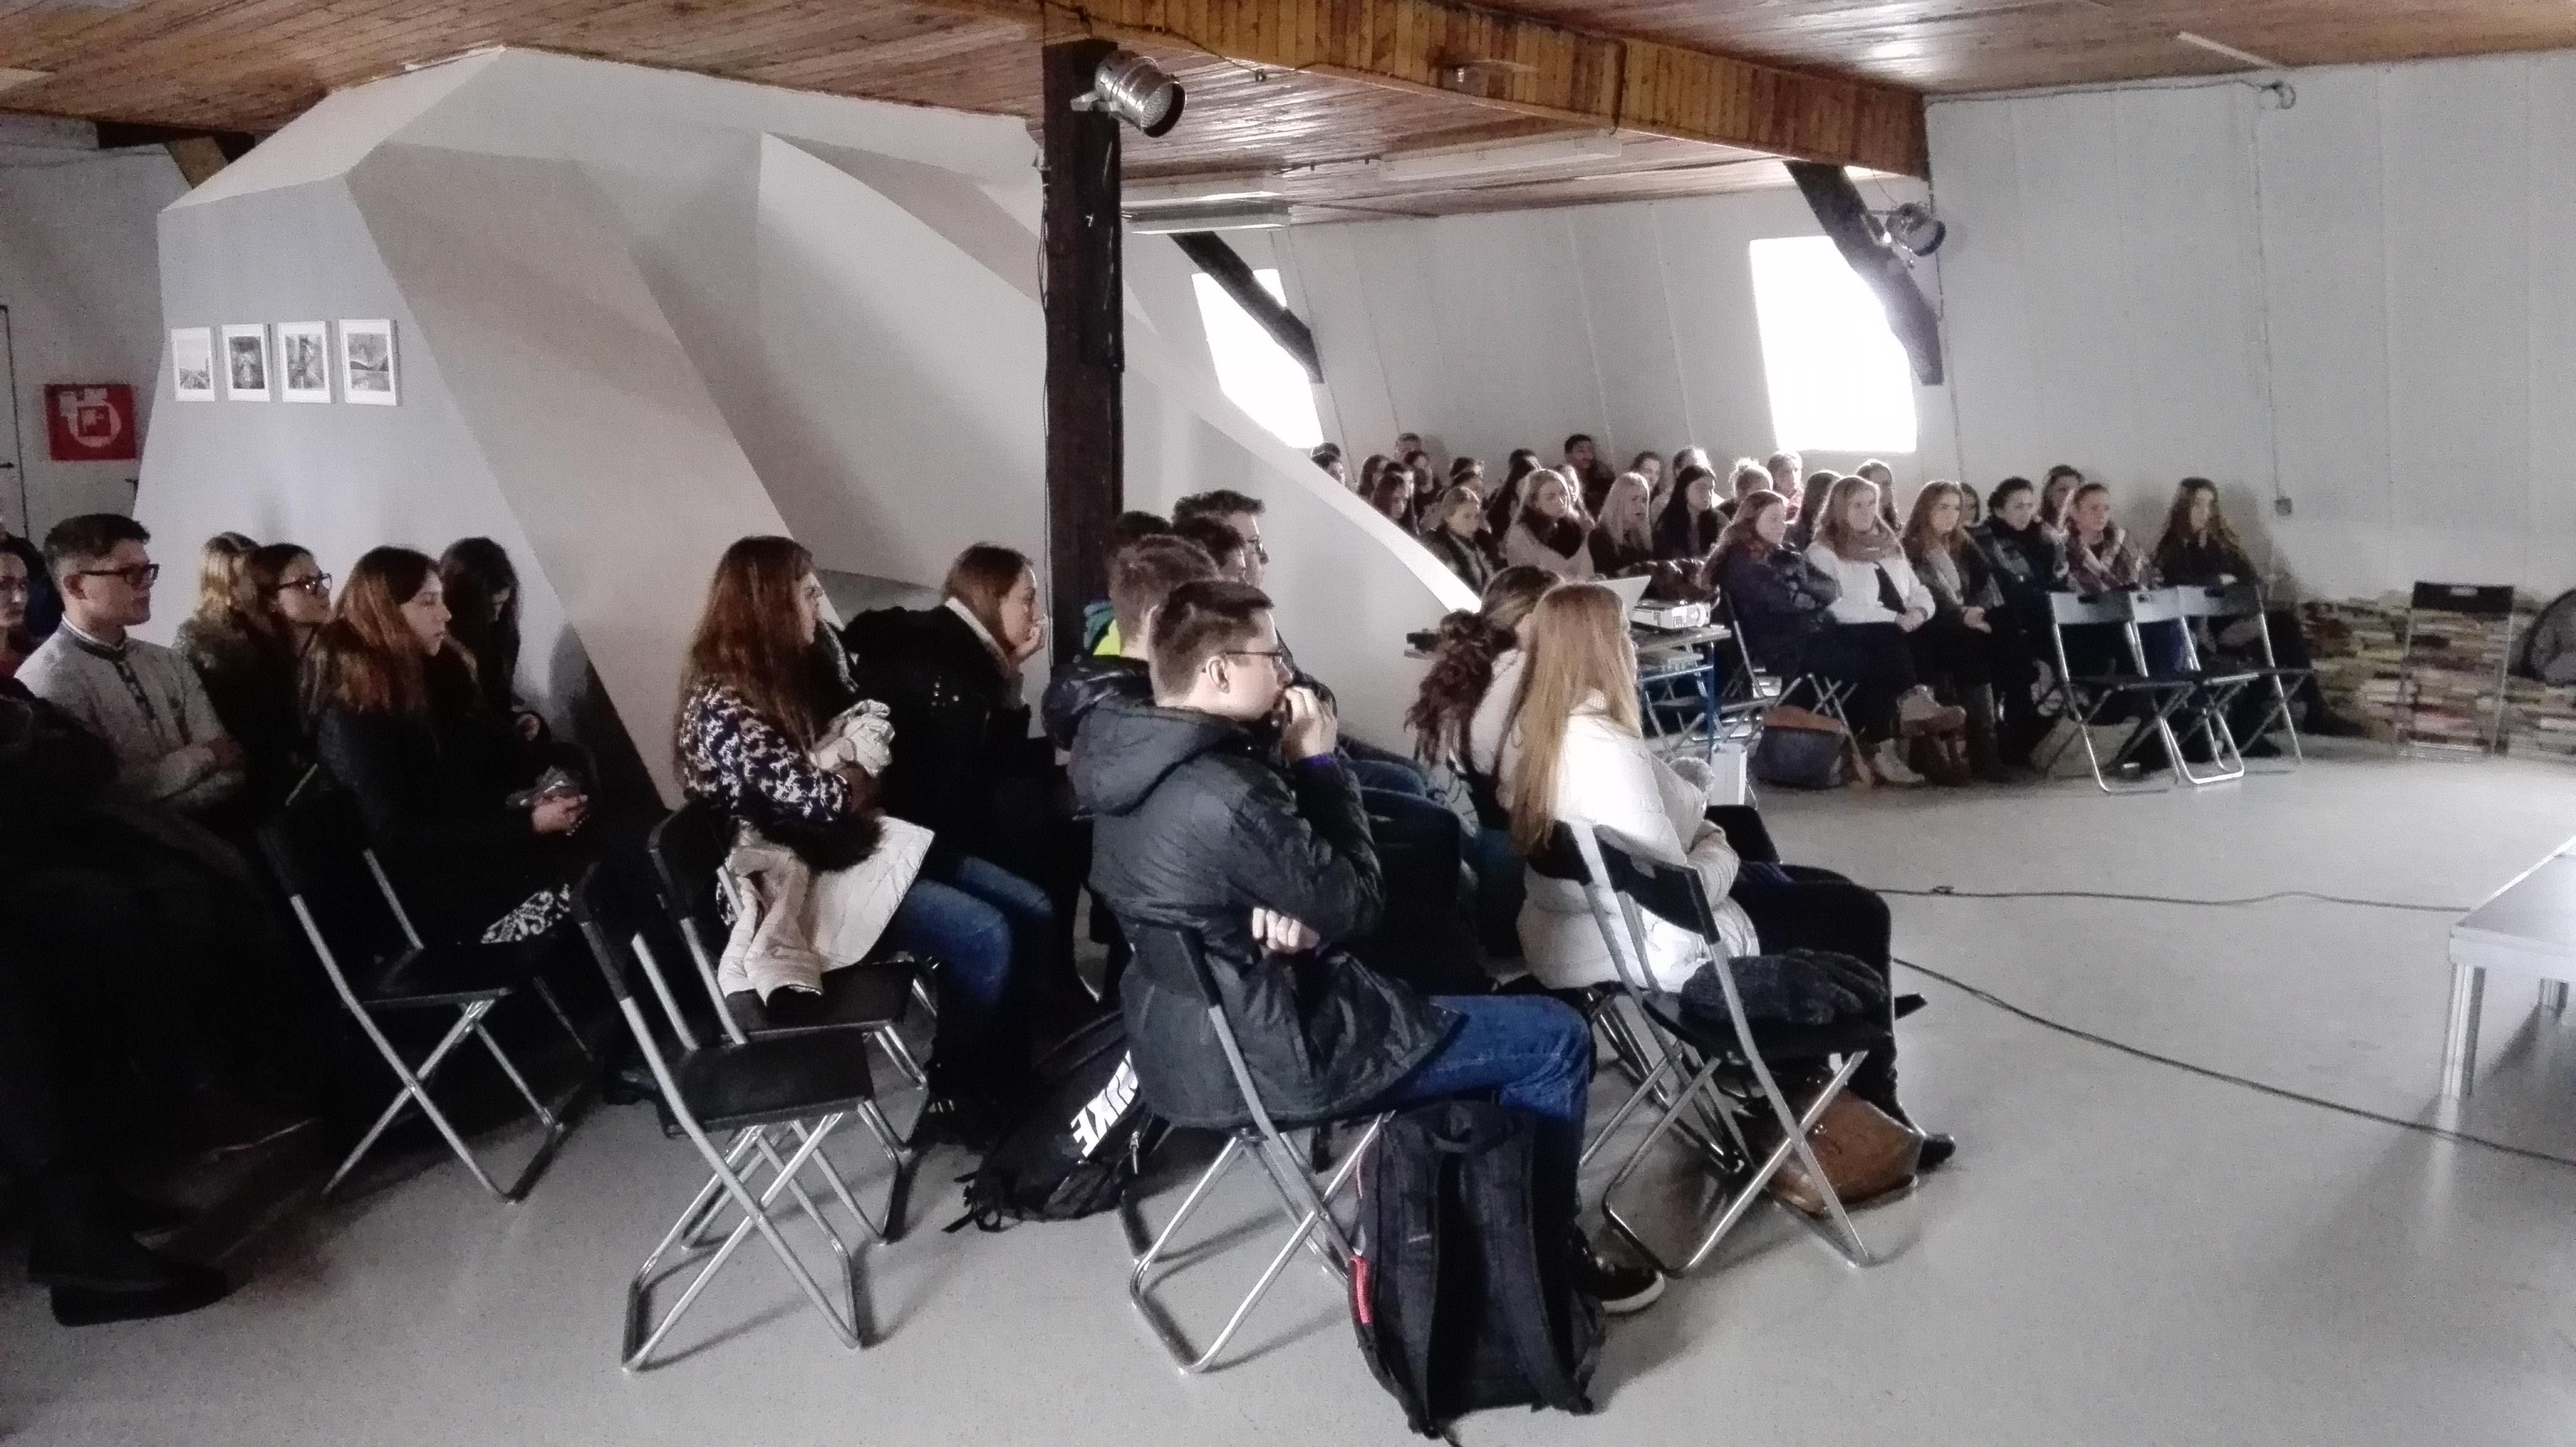 Festival slobody v Púchove (1. 12. 2016) - jednodňová prehliadka filmov a diskusií pre žiakov a verejnosť o rokoch neslobody v 20. storočí na Slovensku (spolupráca OZ PUCHOVO DEDIČSTVO a Ústavu pamäti národa)